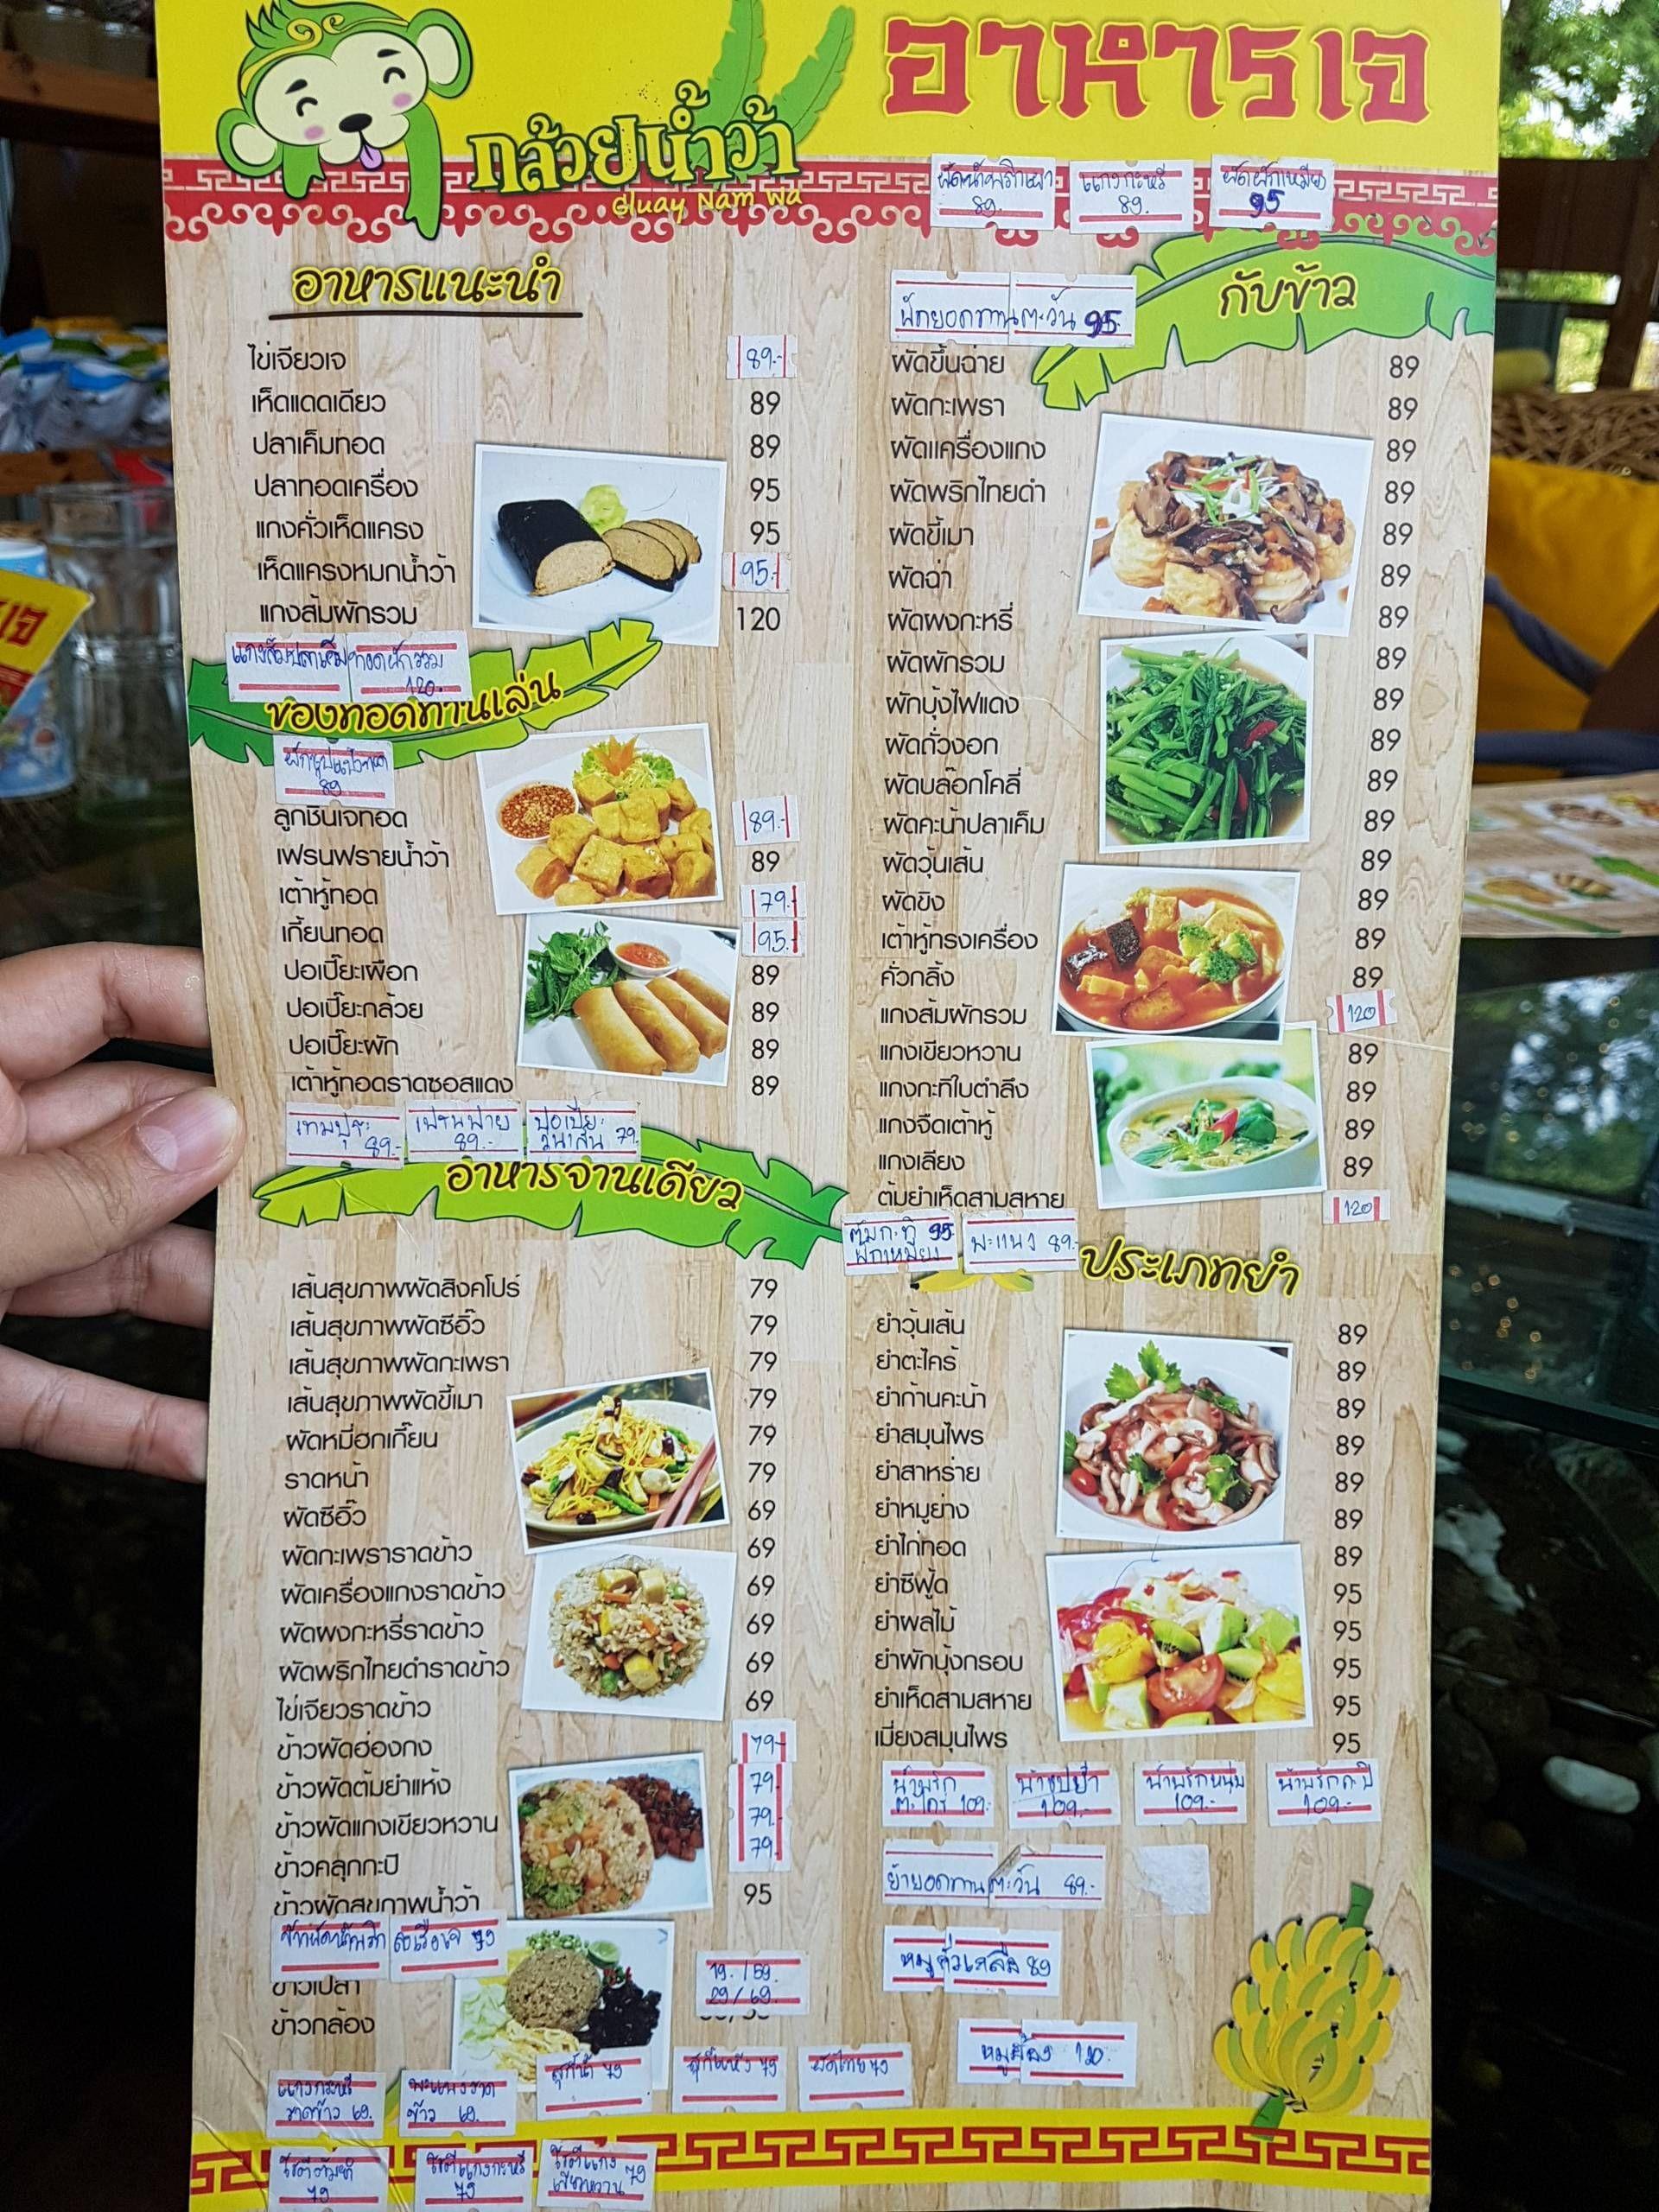 ป้ายราคาหรือสมุดเมนู ที่ ร้านอาหาร กล้วยน้ำว้า สามกอง